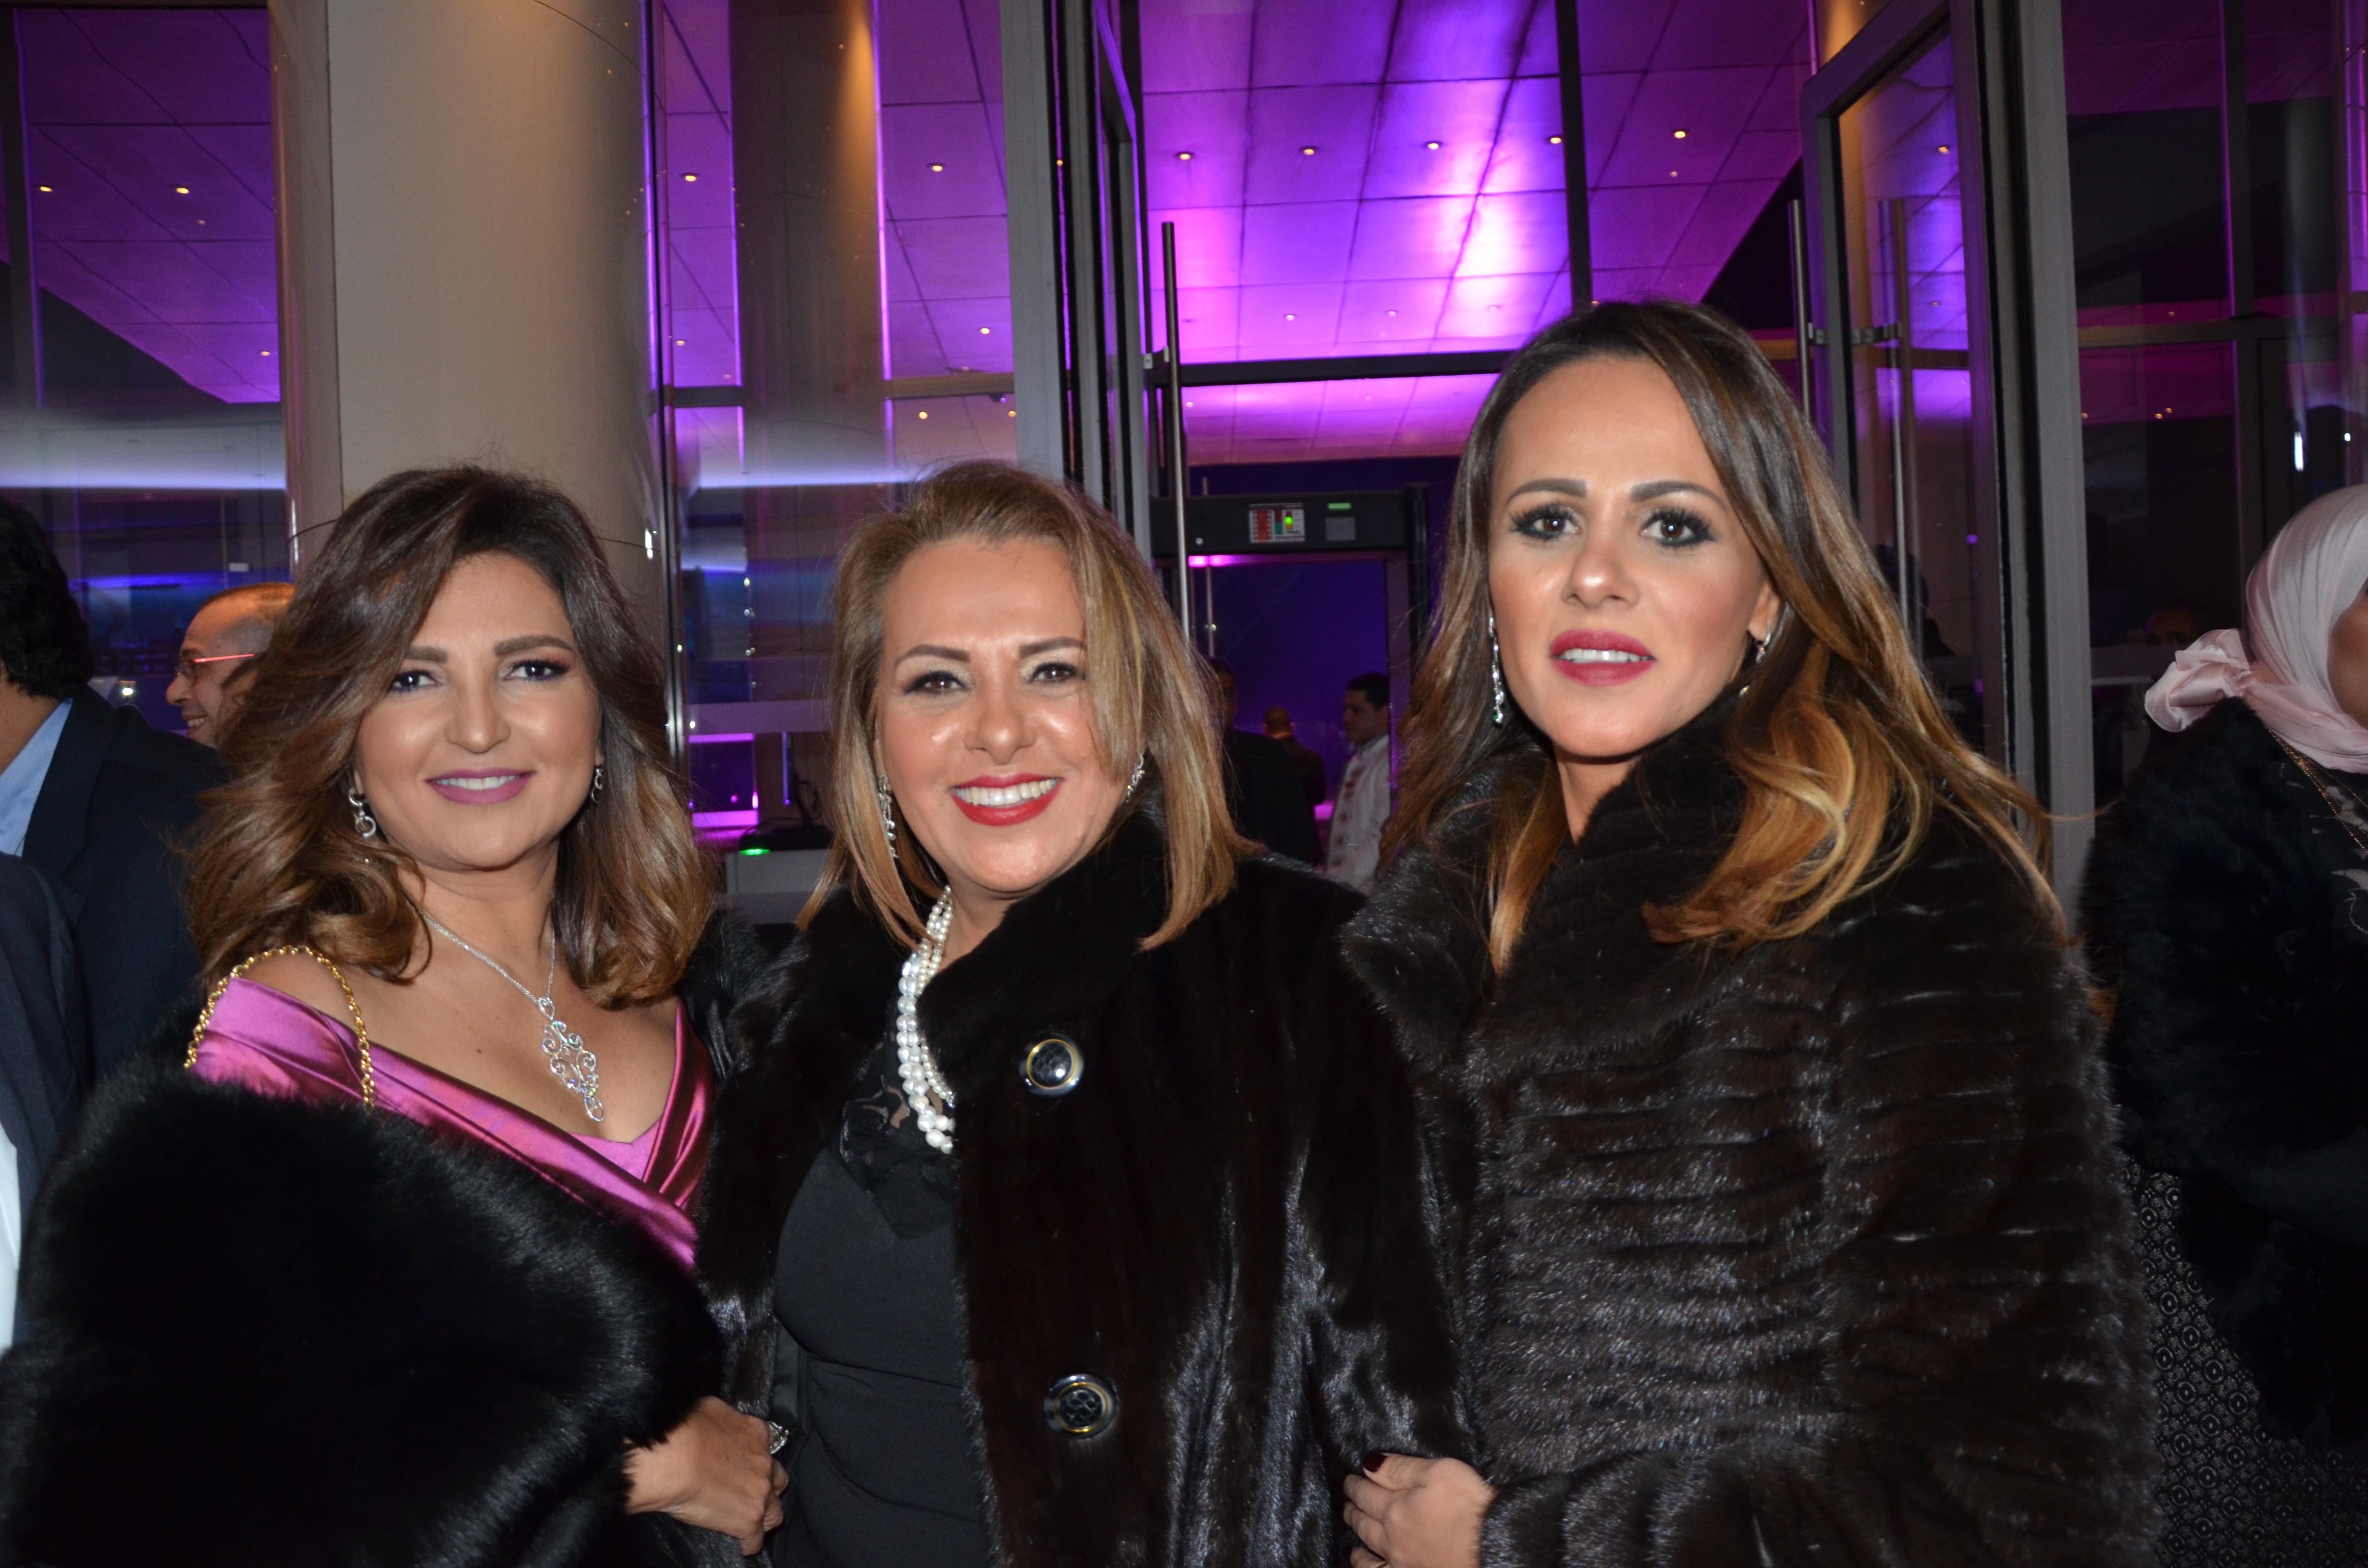 Randa Bakry, Magda El Alfi and Rania El Feky